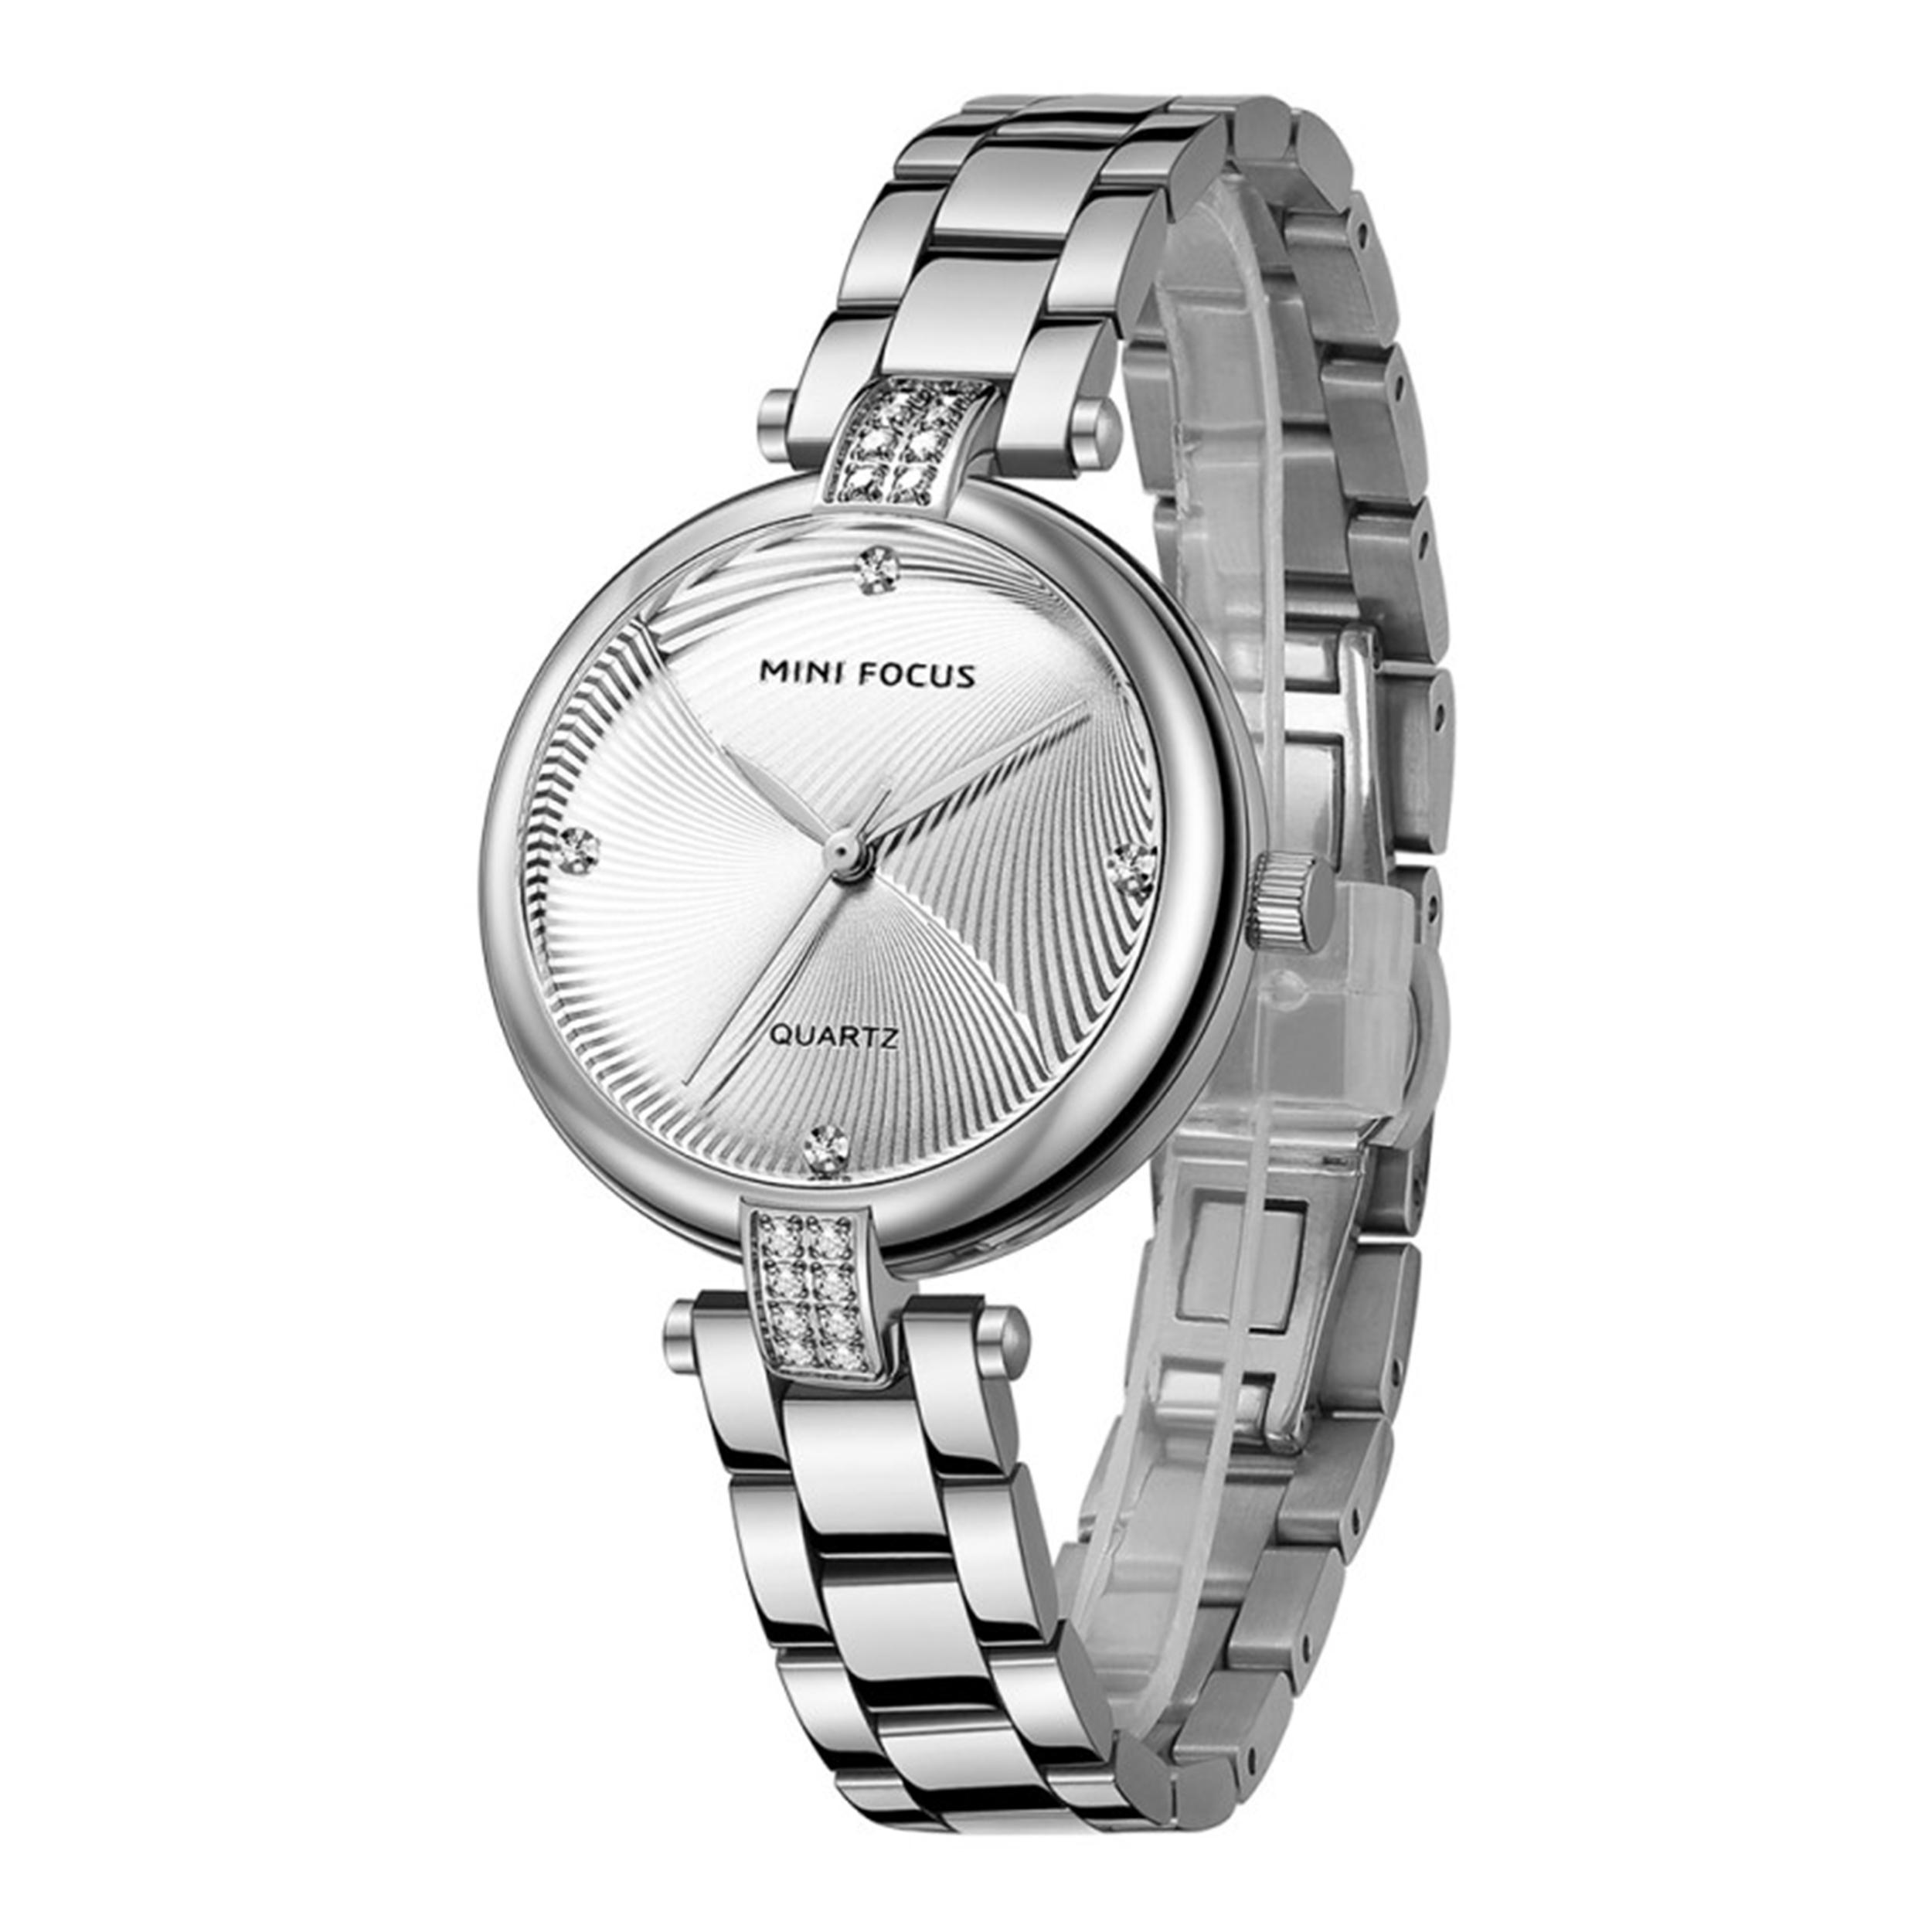 خرید و قیمت                      ساعت مچی  زنانه مینی فوکوس مدل MF0310L.01